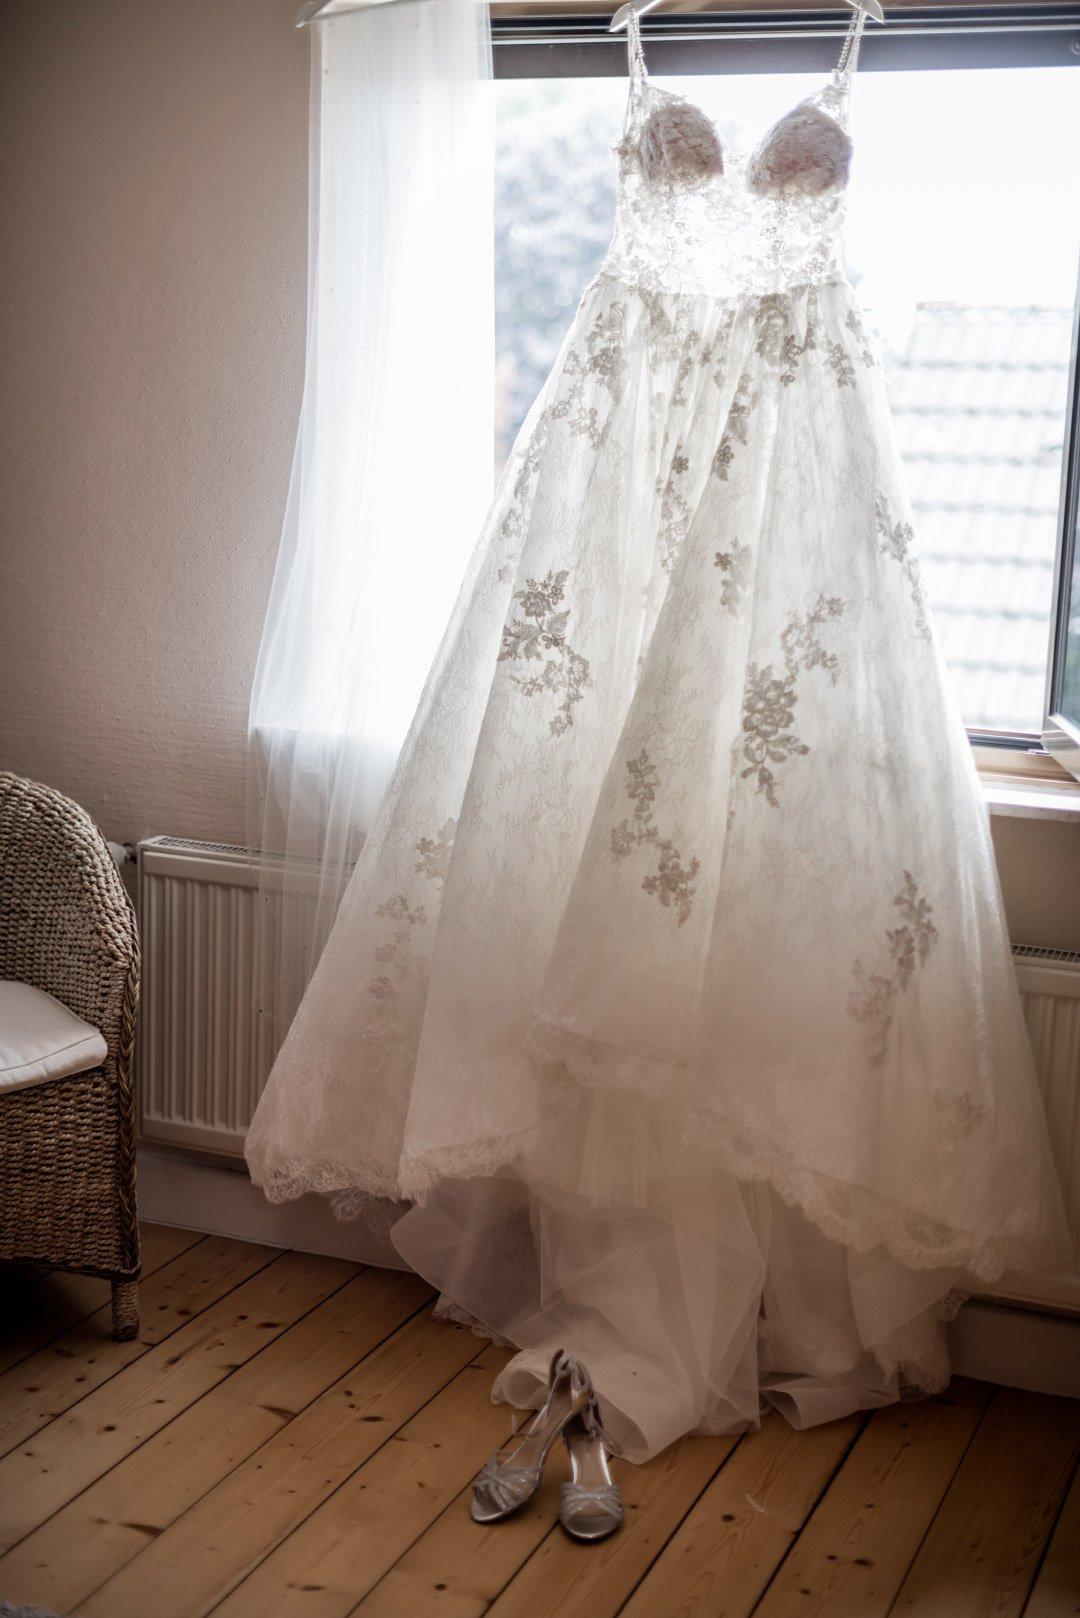 Brautkleid beim Getting Ready